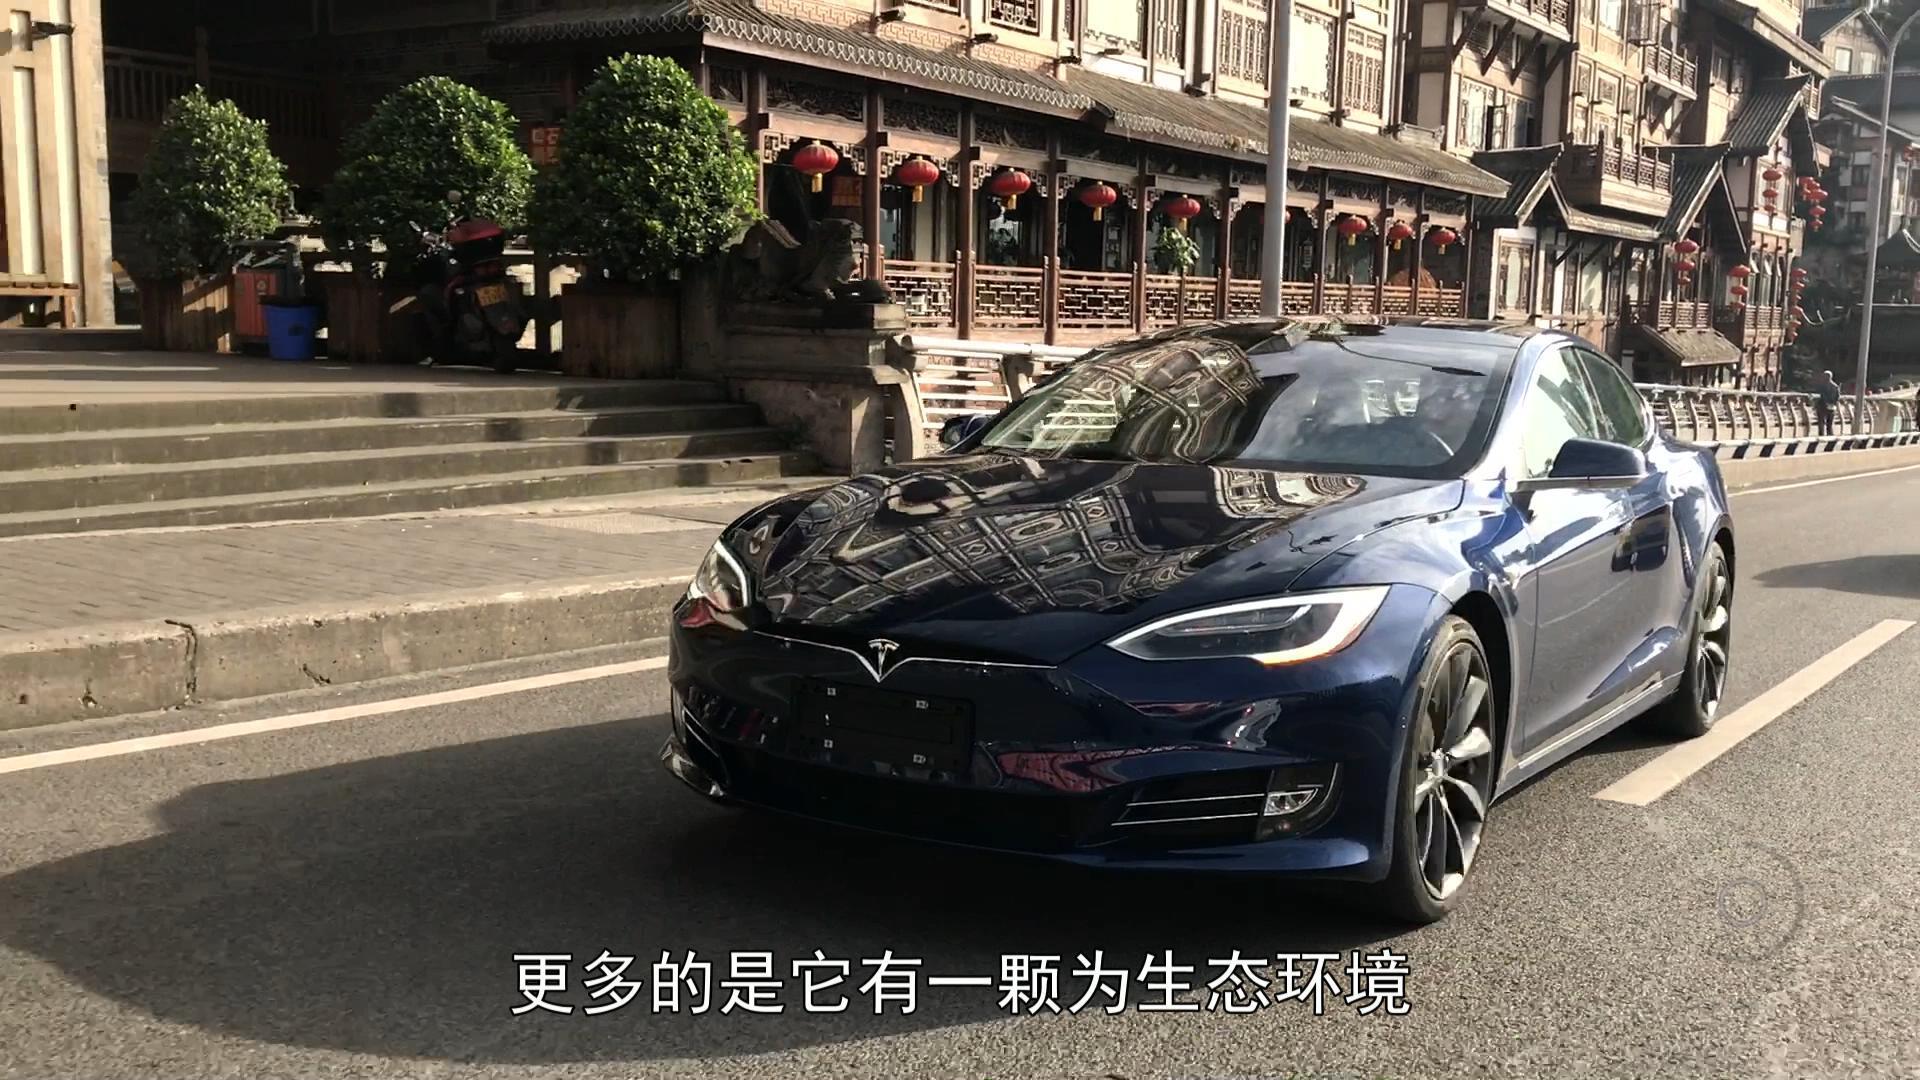 随时进入狂暴模式 特斯拉Model S P100D火辣山城游